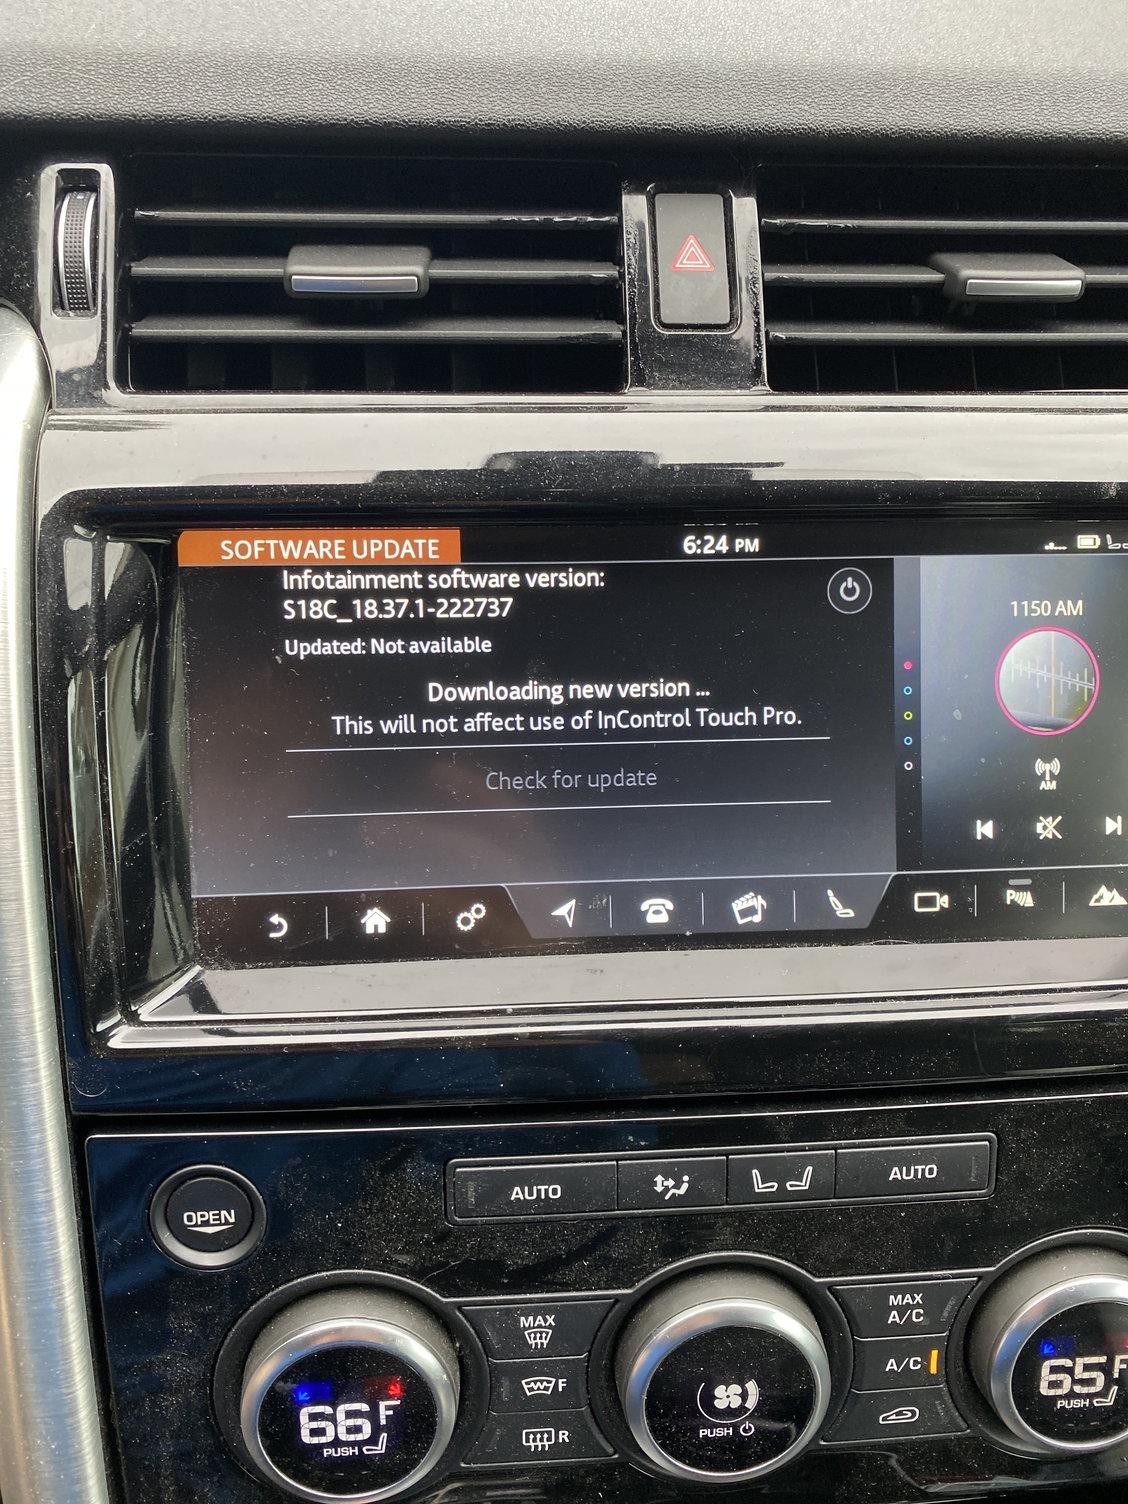 sirius radio updating stuck